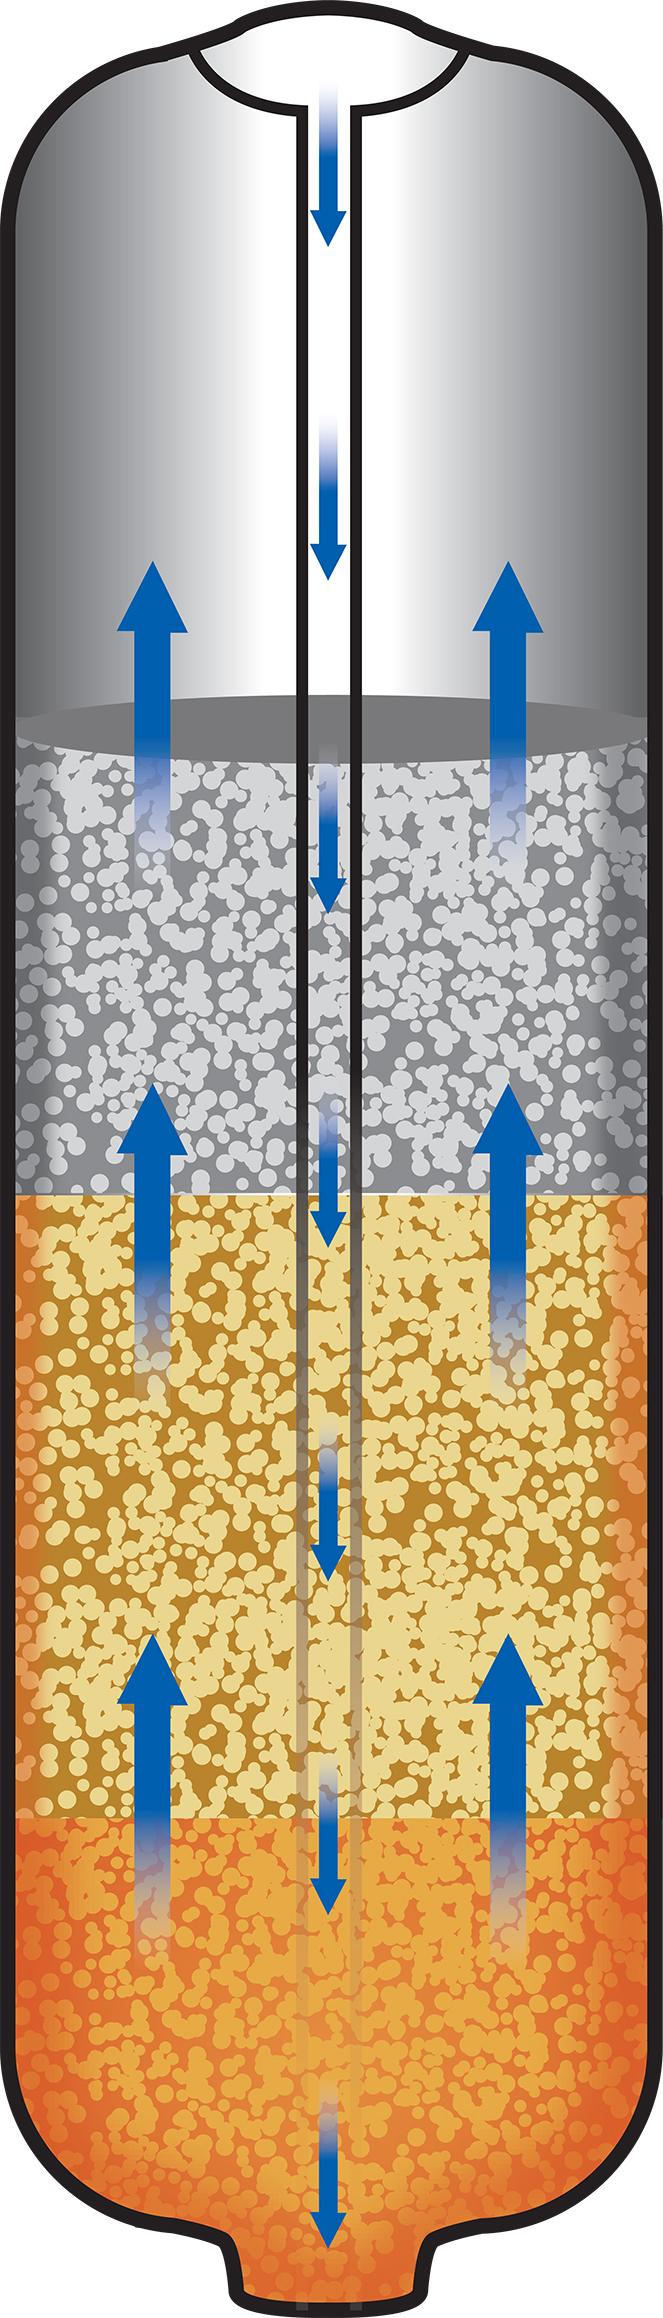 Reverse-Flow Regeneration.jpg